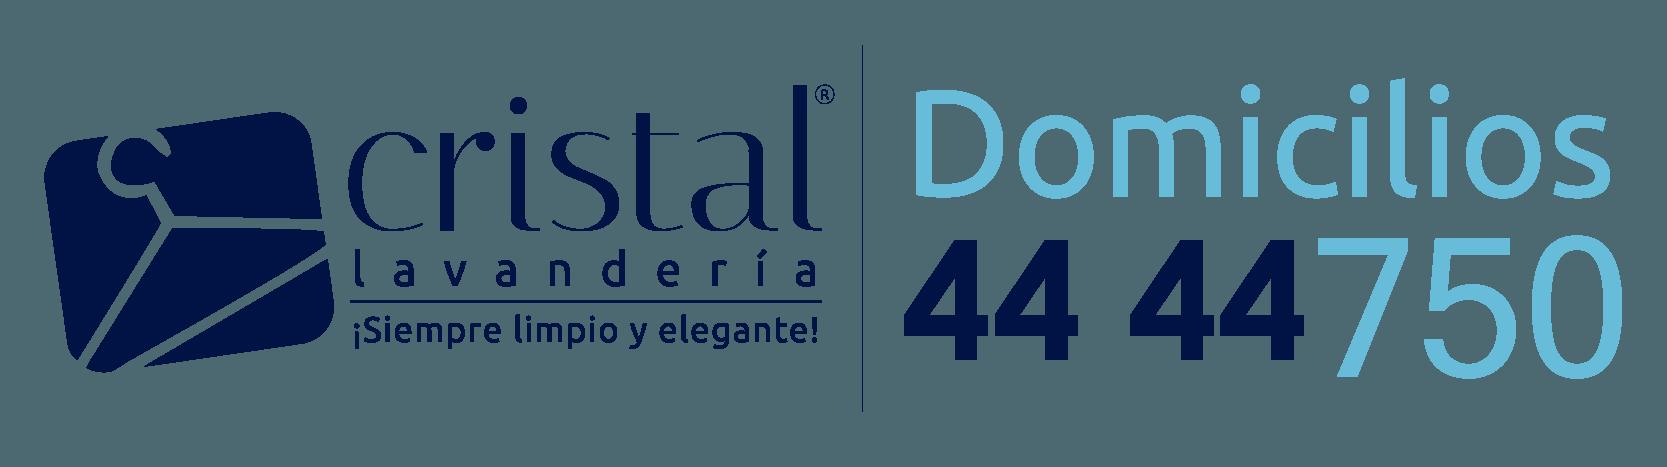 logo-lavanderia-cristal-medellin-15-aniversario